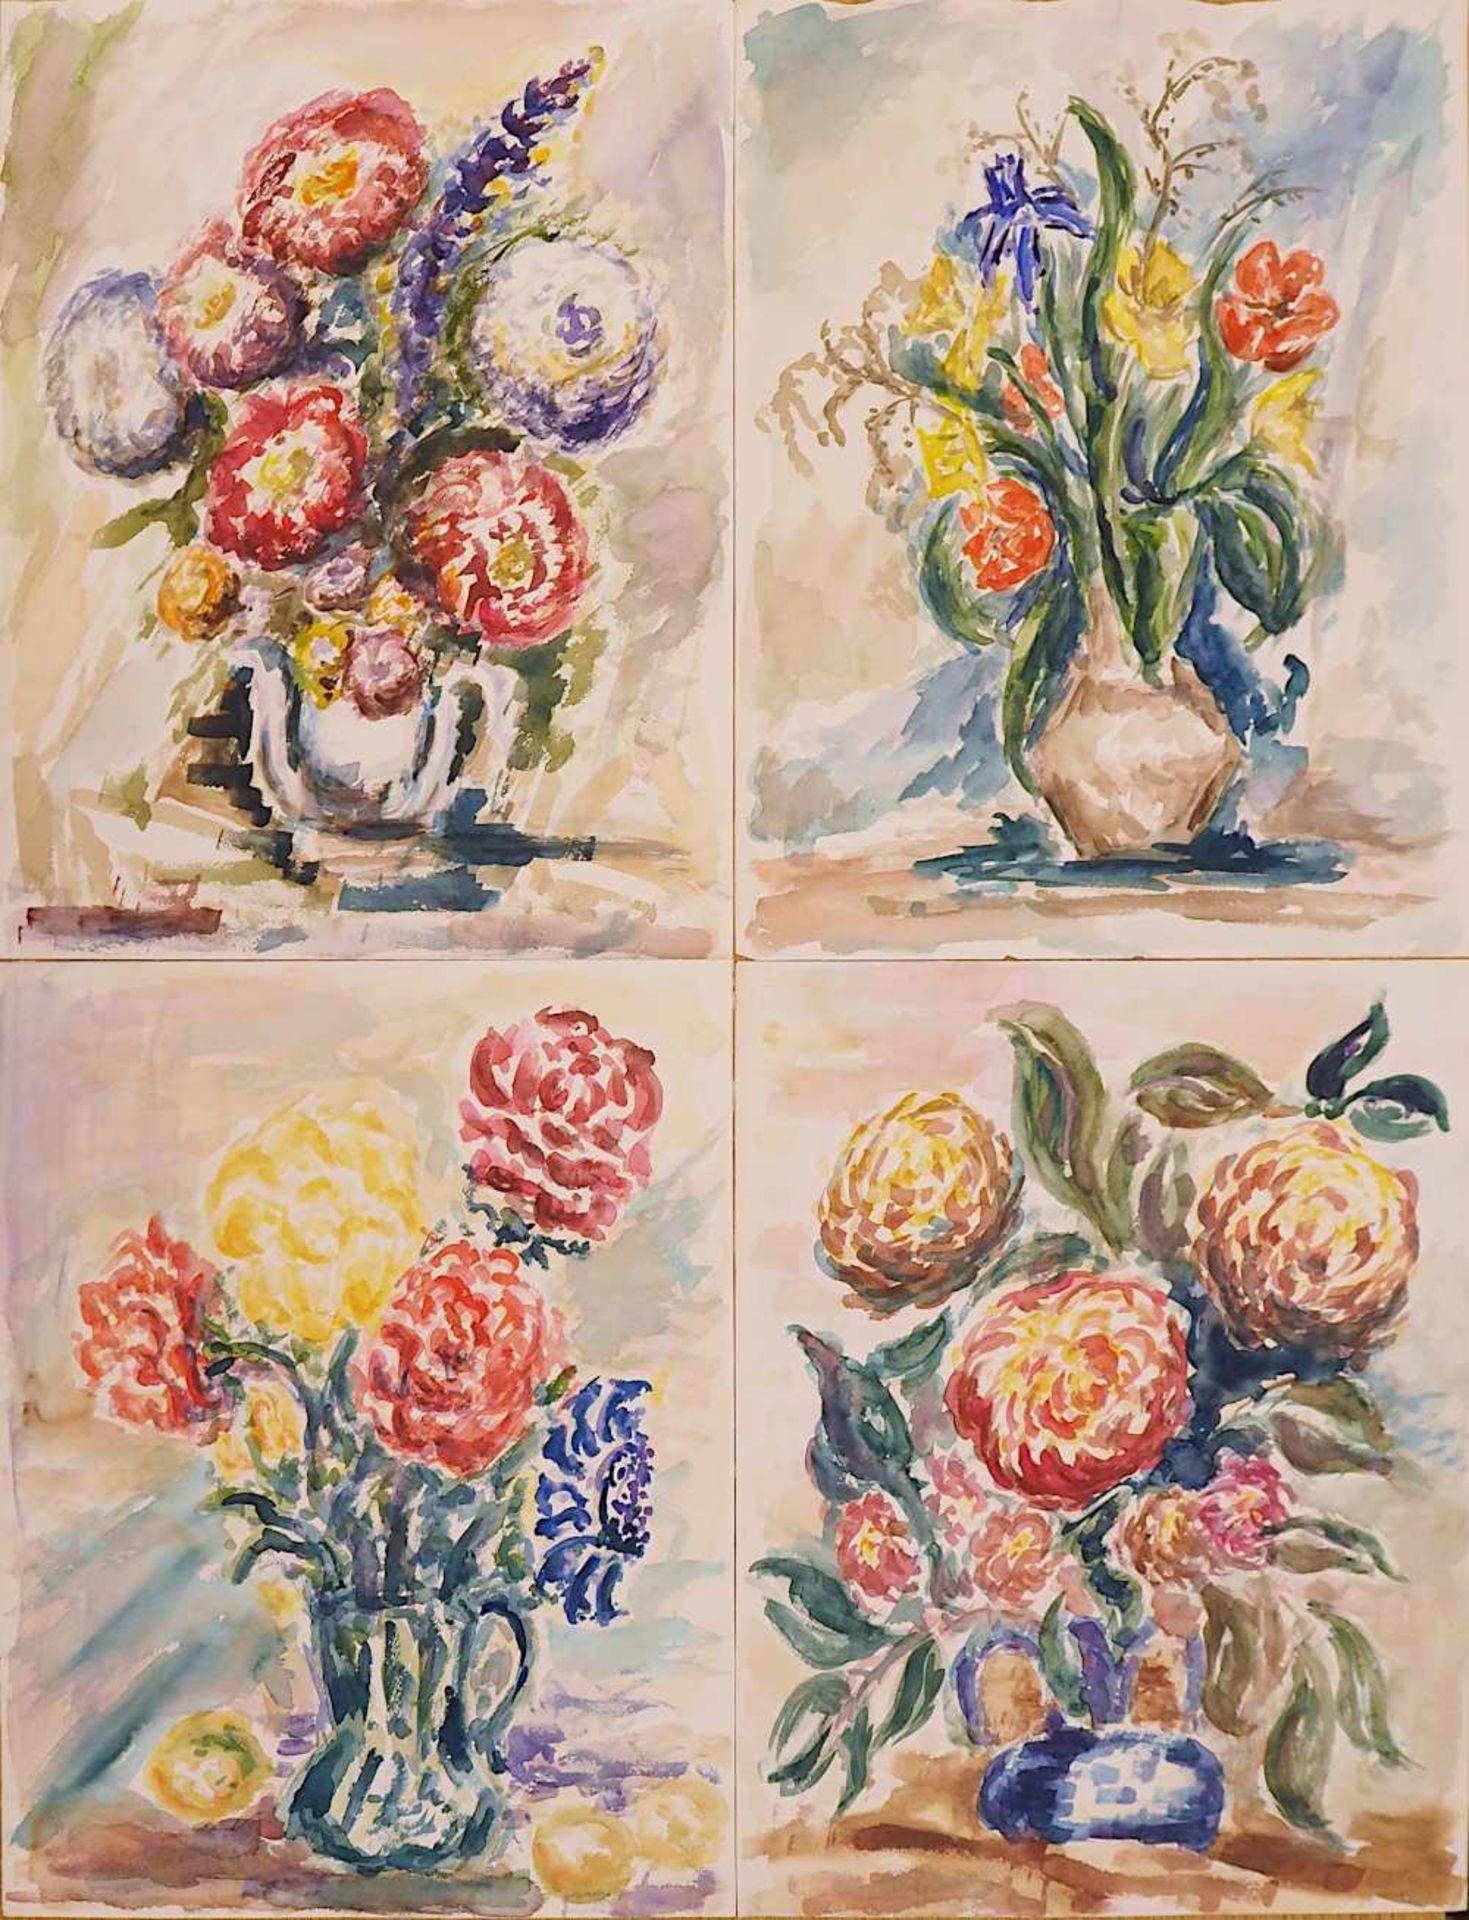 1 Sammlung Aquarelle/Temperamalereien überwiegend der 1960er/1970er Jahre der Künstlerin Mecht - Bild 4 aus 5